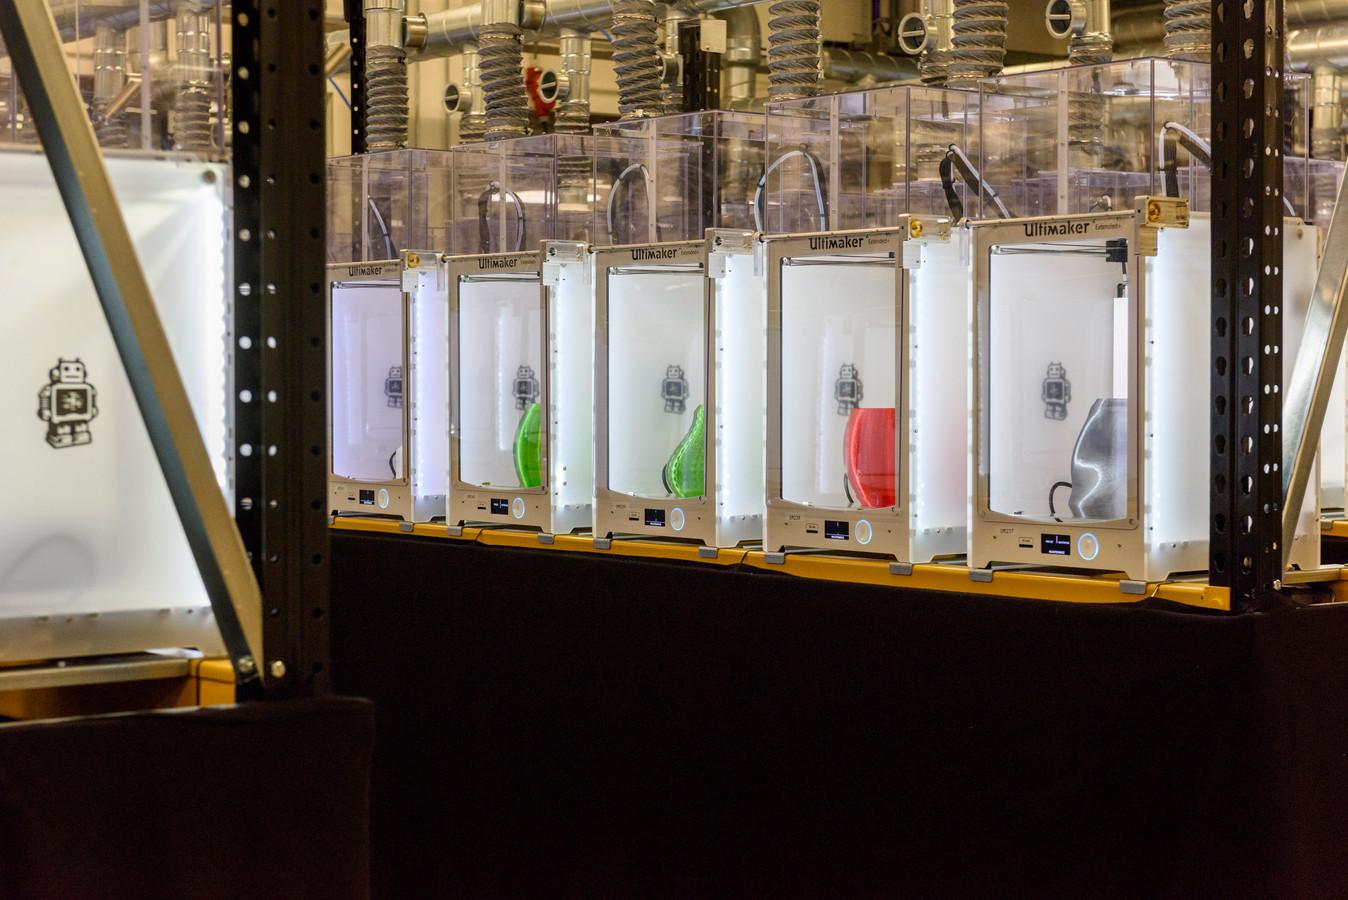 Via een speciale website van Signify, voorheen Philips Lighting, maken consumenten hun eigen hanglamp qua vorm, grootte, kleur, textuur en het patroon. Vervolgens wordt de lamp 3D geprint. Dat gebeurt in Maarheeze (archieffoto).